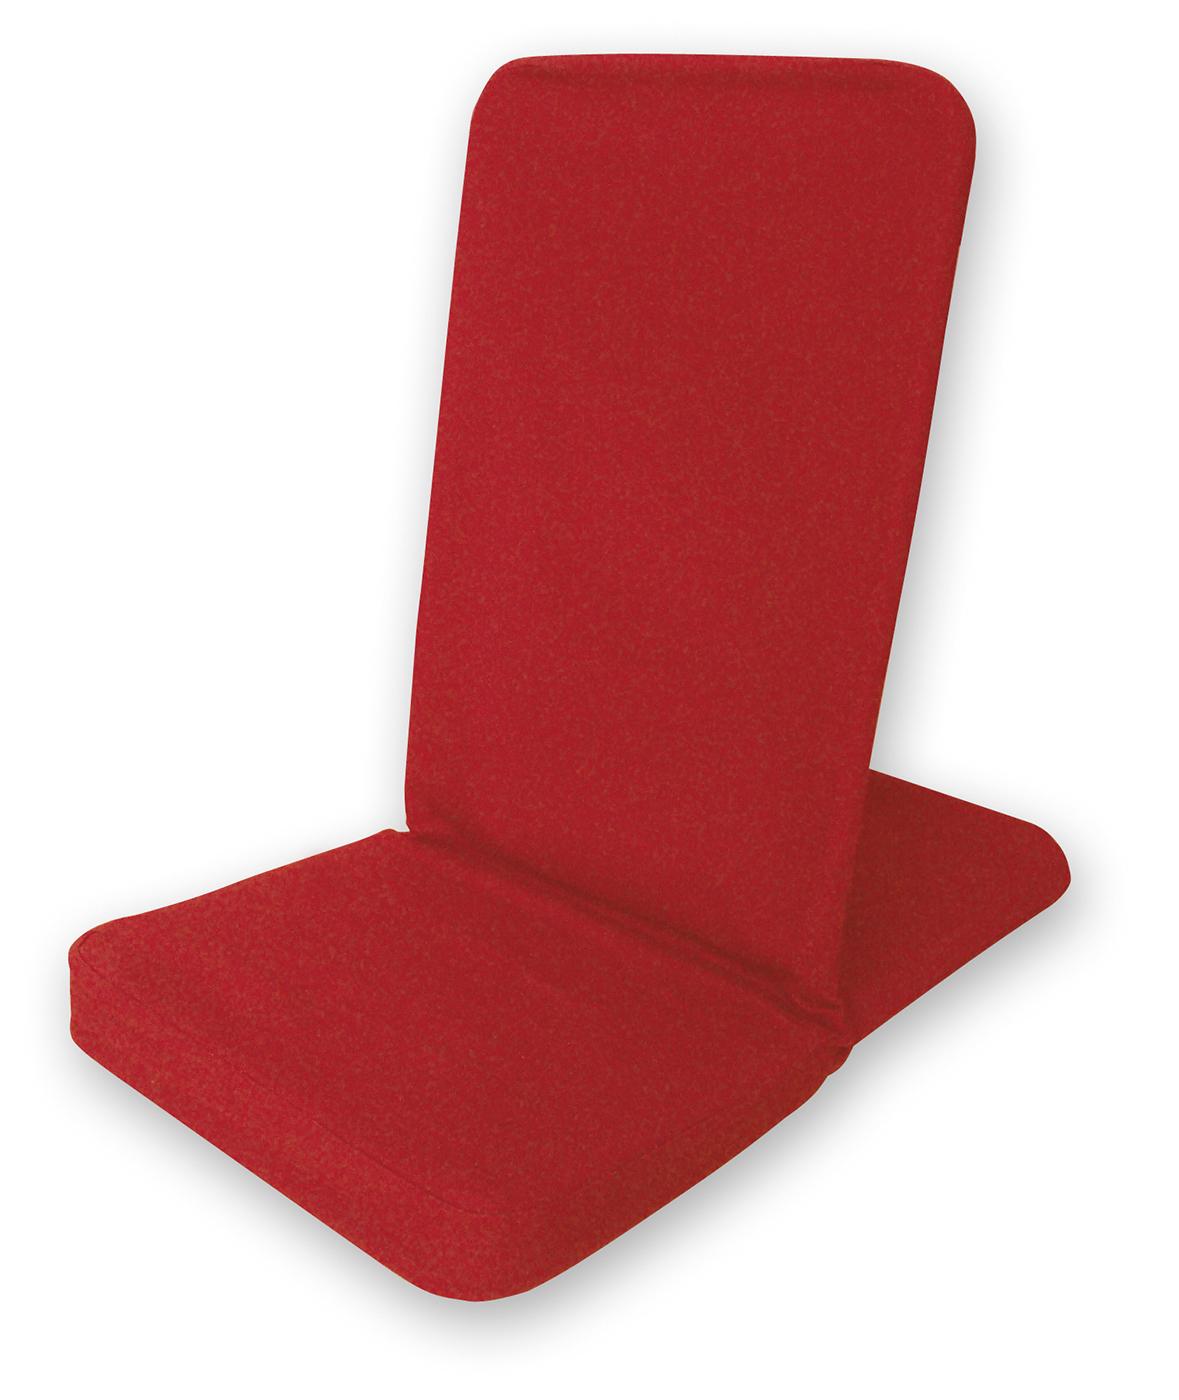 Bodenstuhl XL - Backjack, red